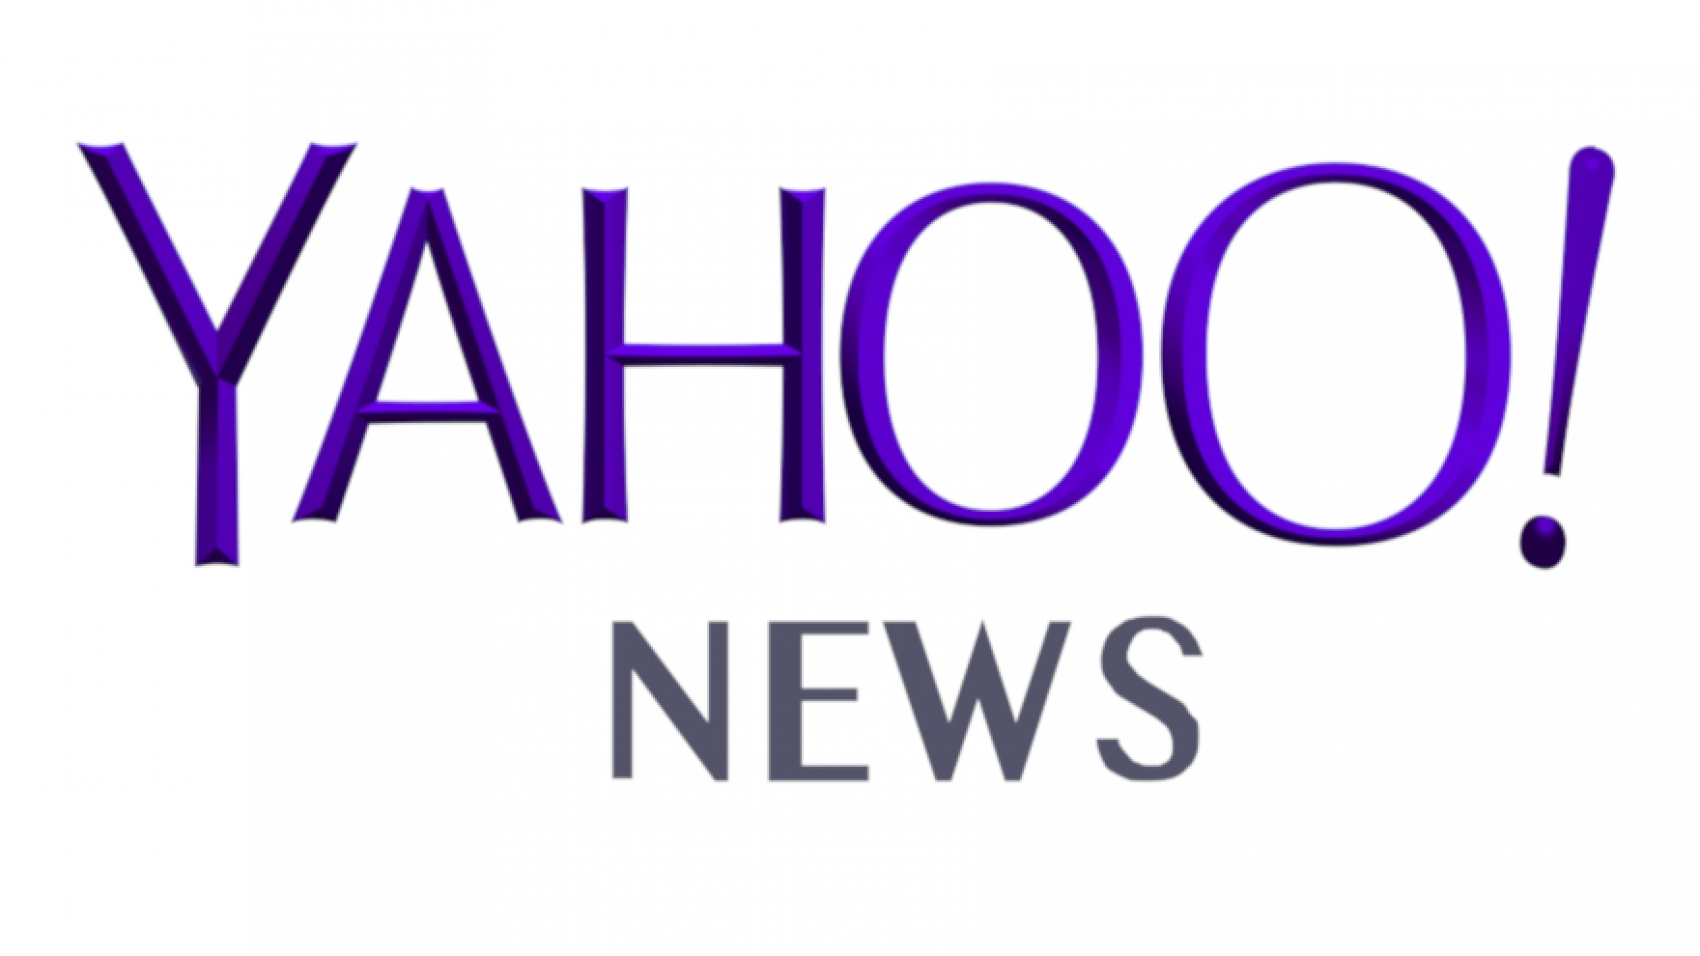 yahoo logo2